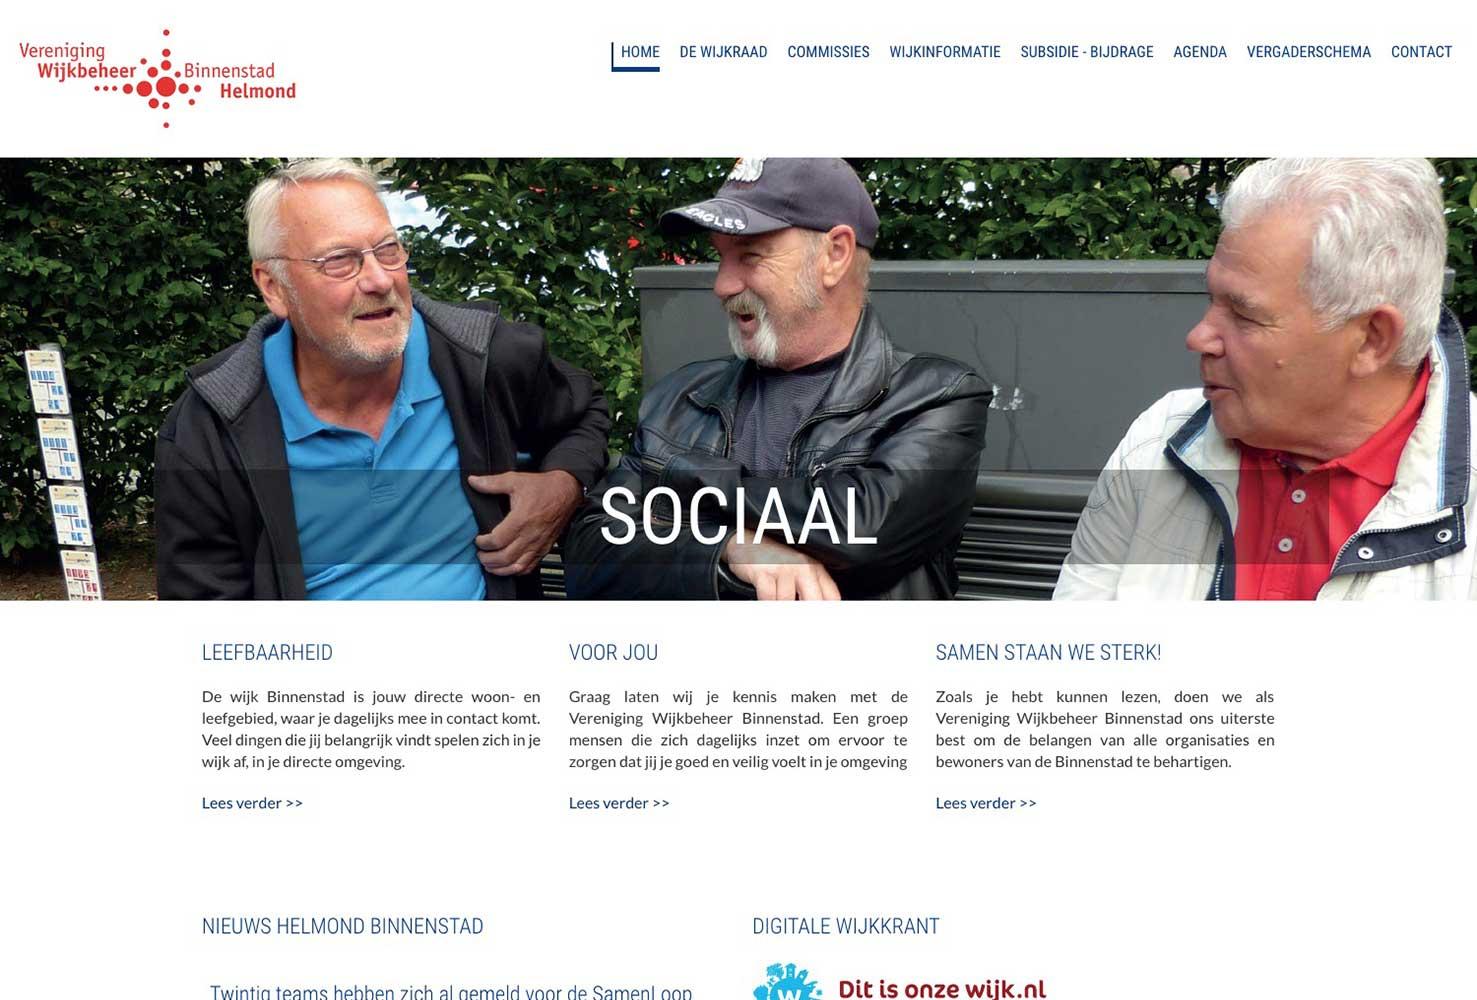 Vereniging wijkbeheer Helmond Binnenstad